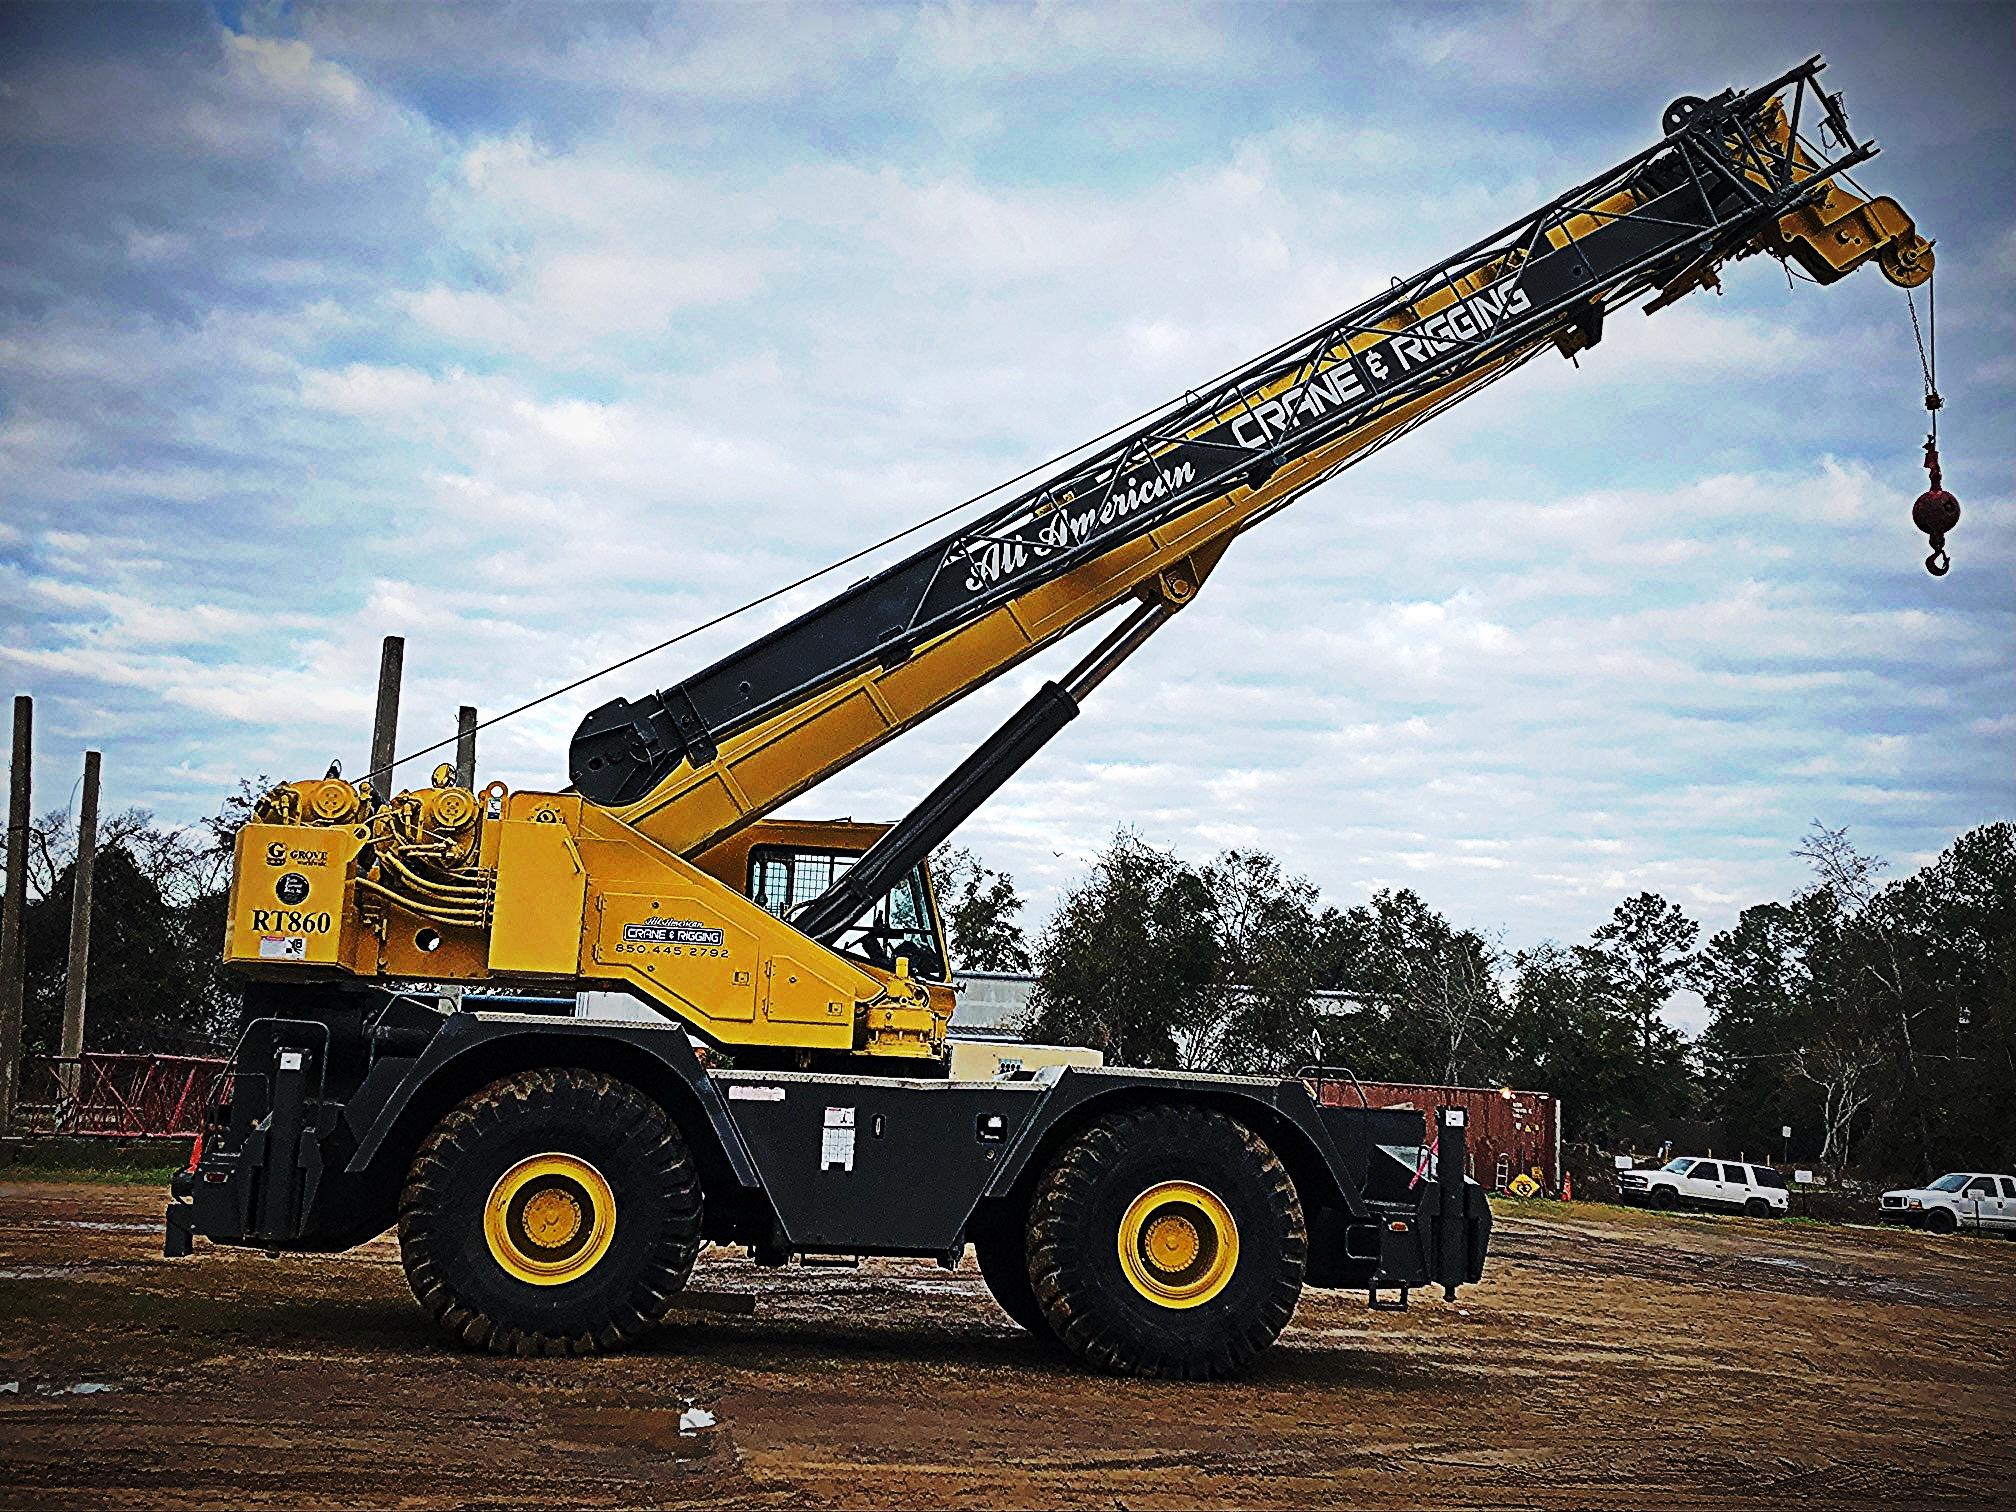 crane RT860 60 ton rough terrain edited.jpg